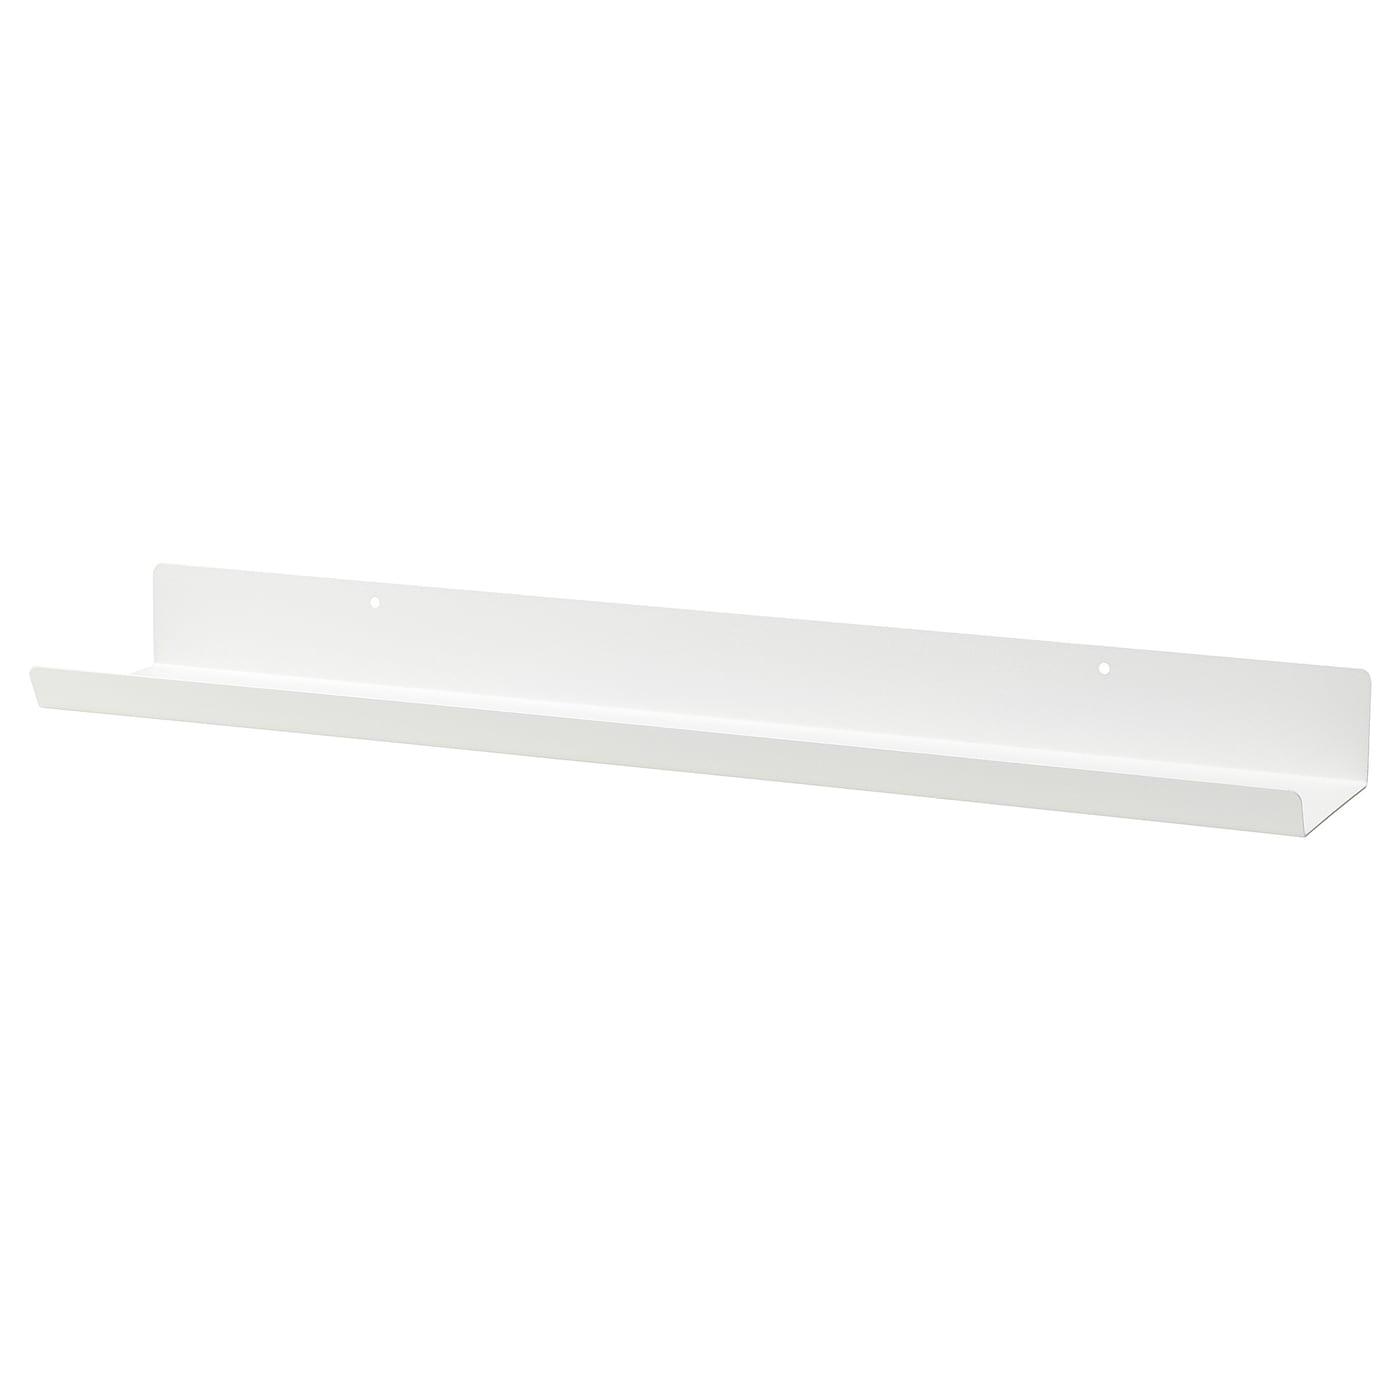 MALMBÄCK Bilderleiste - weiß 60 cm